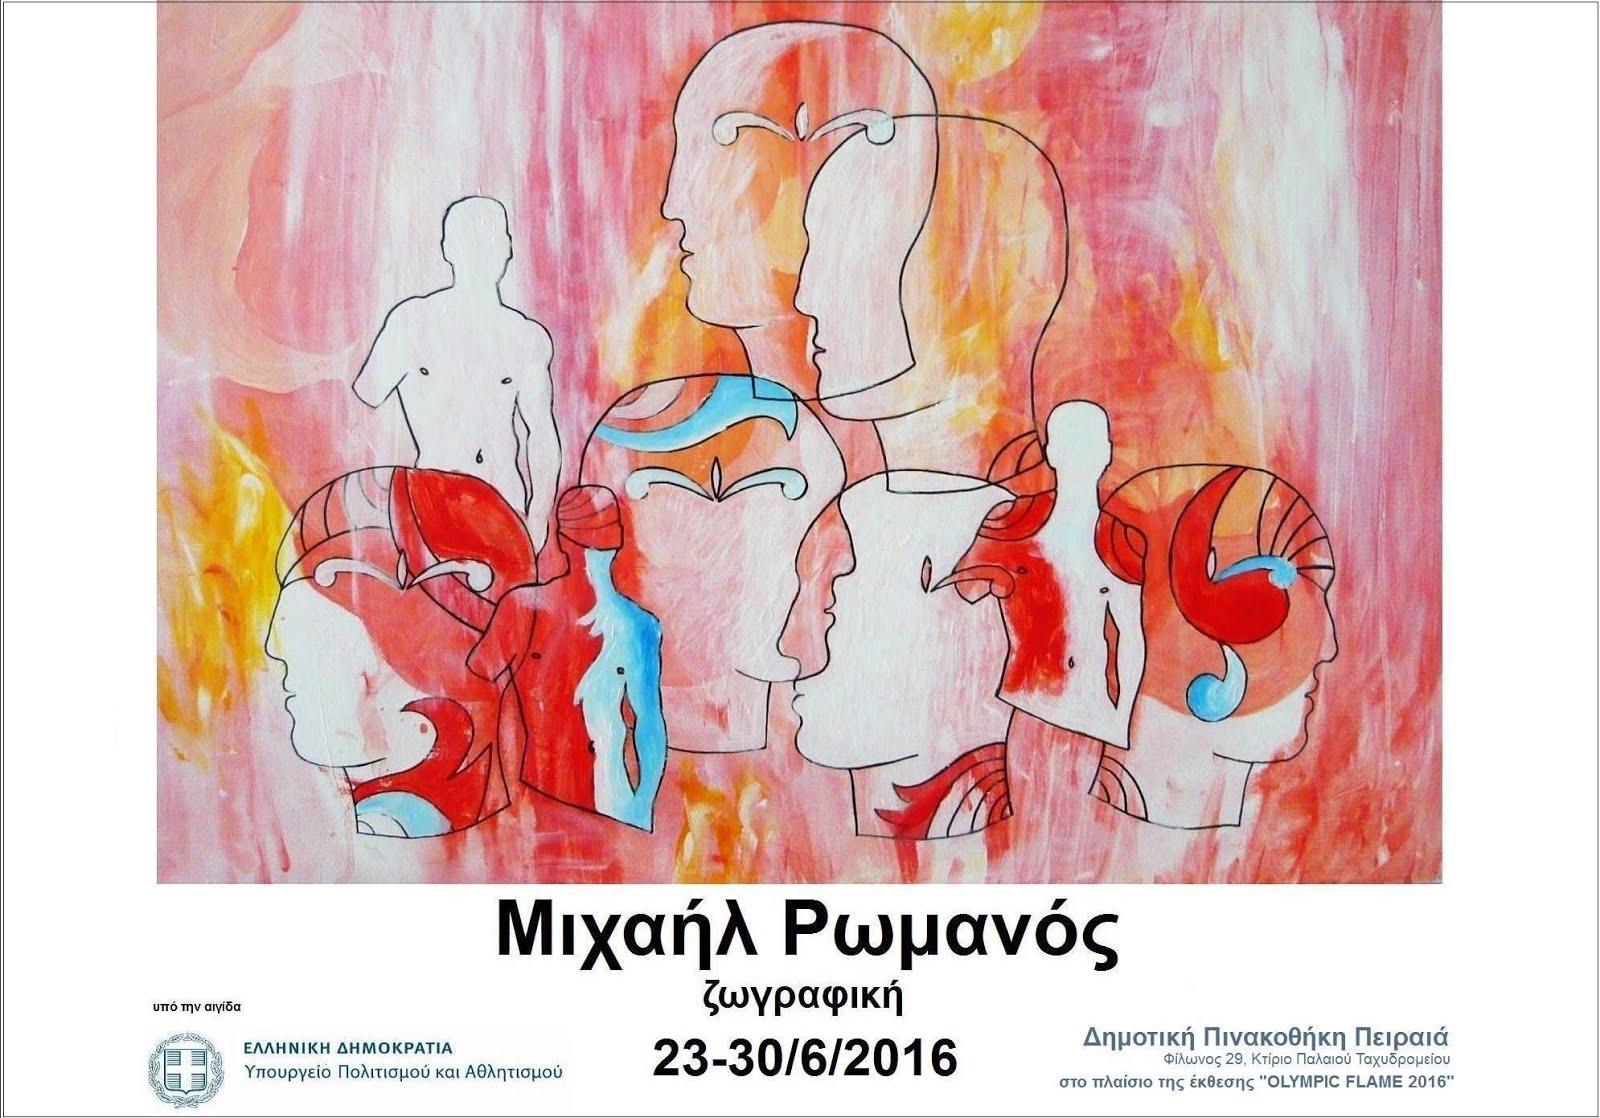 Ατομική έκθεση στην Πινακοθήκη Πειραιά - Ιούνιος 2016